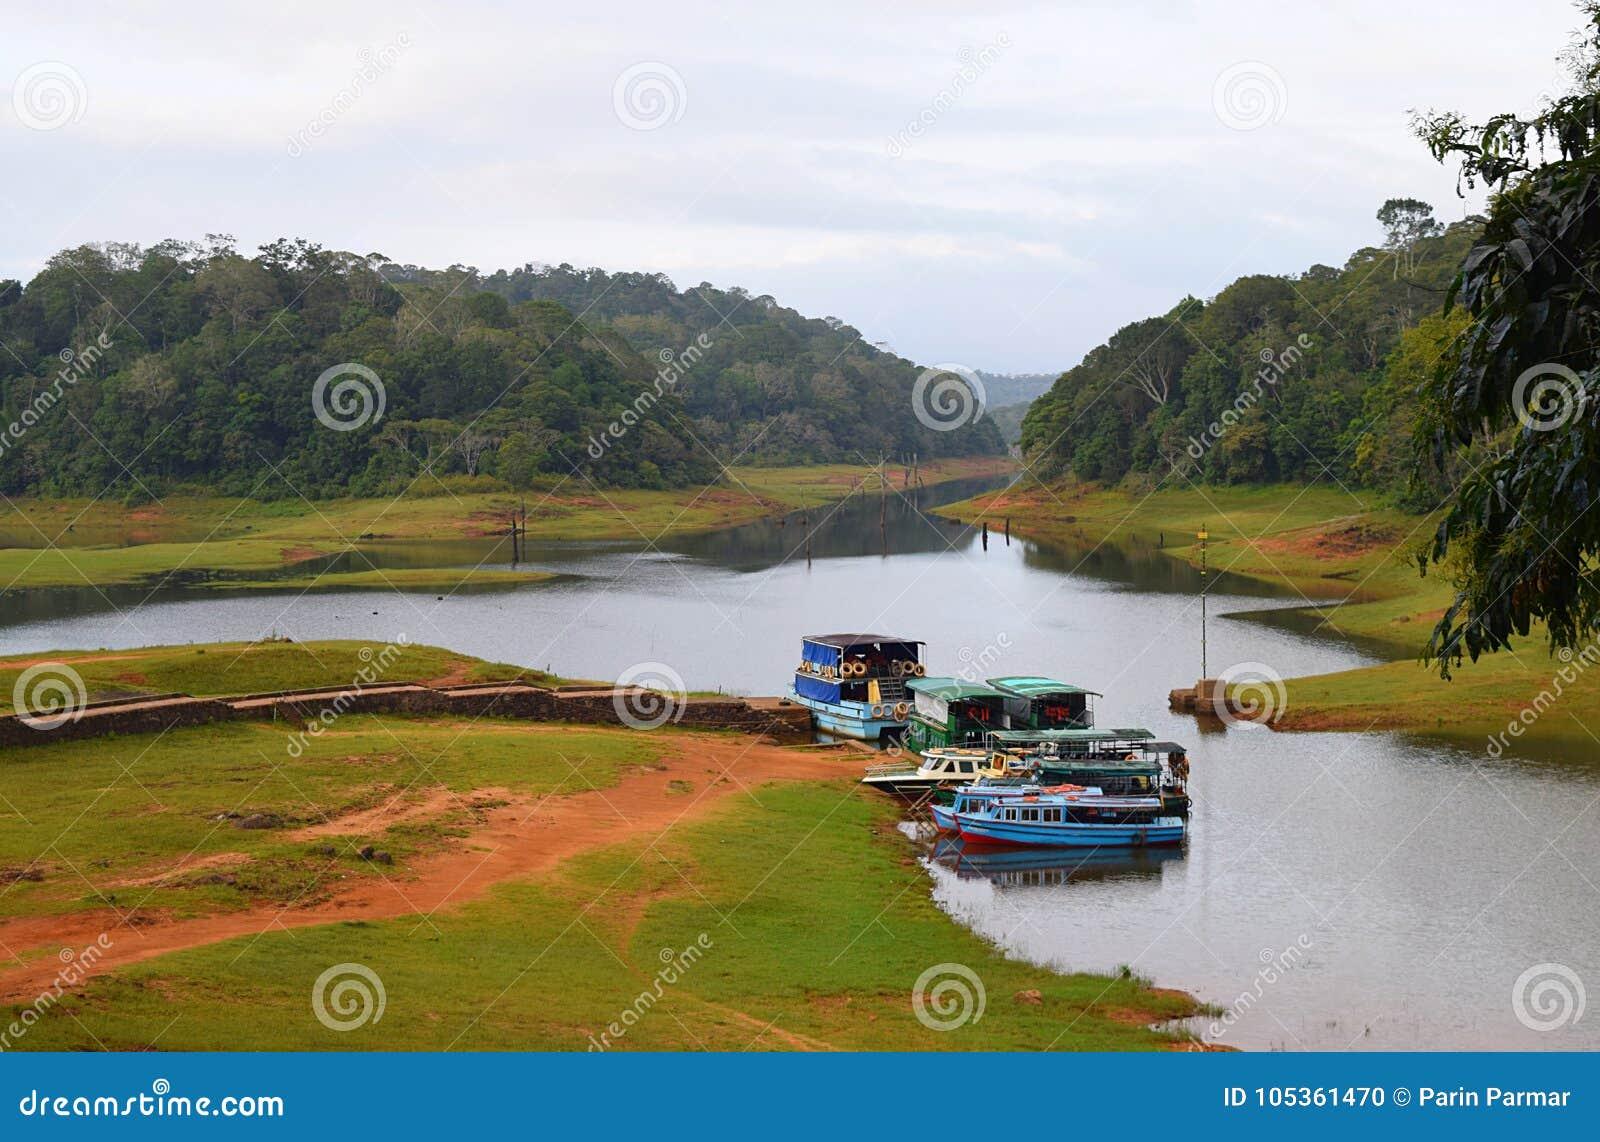 Boats in Periyar Lake and National Park, Thekkady, Kerala, India